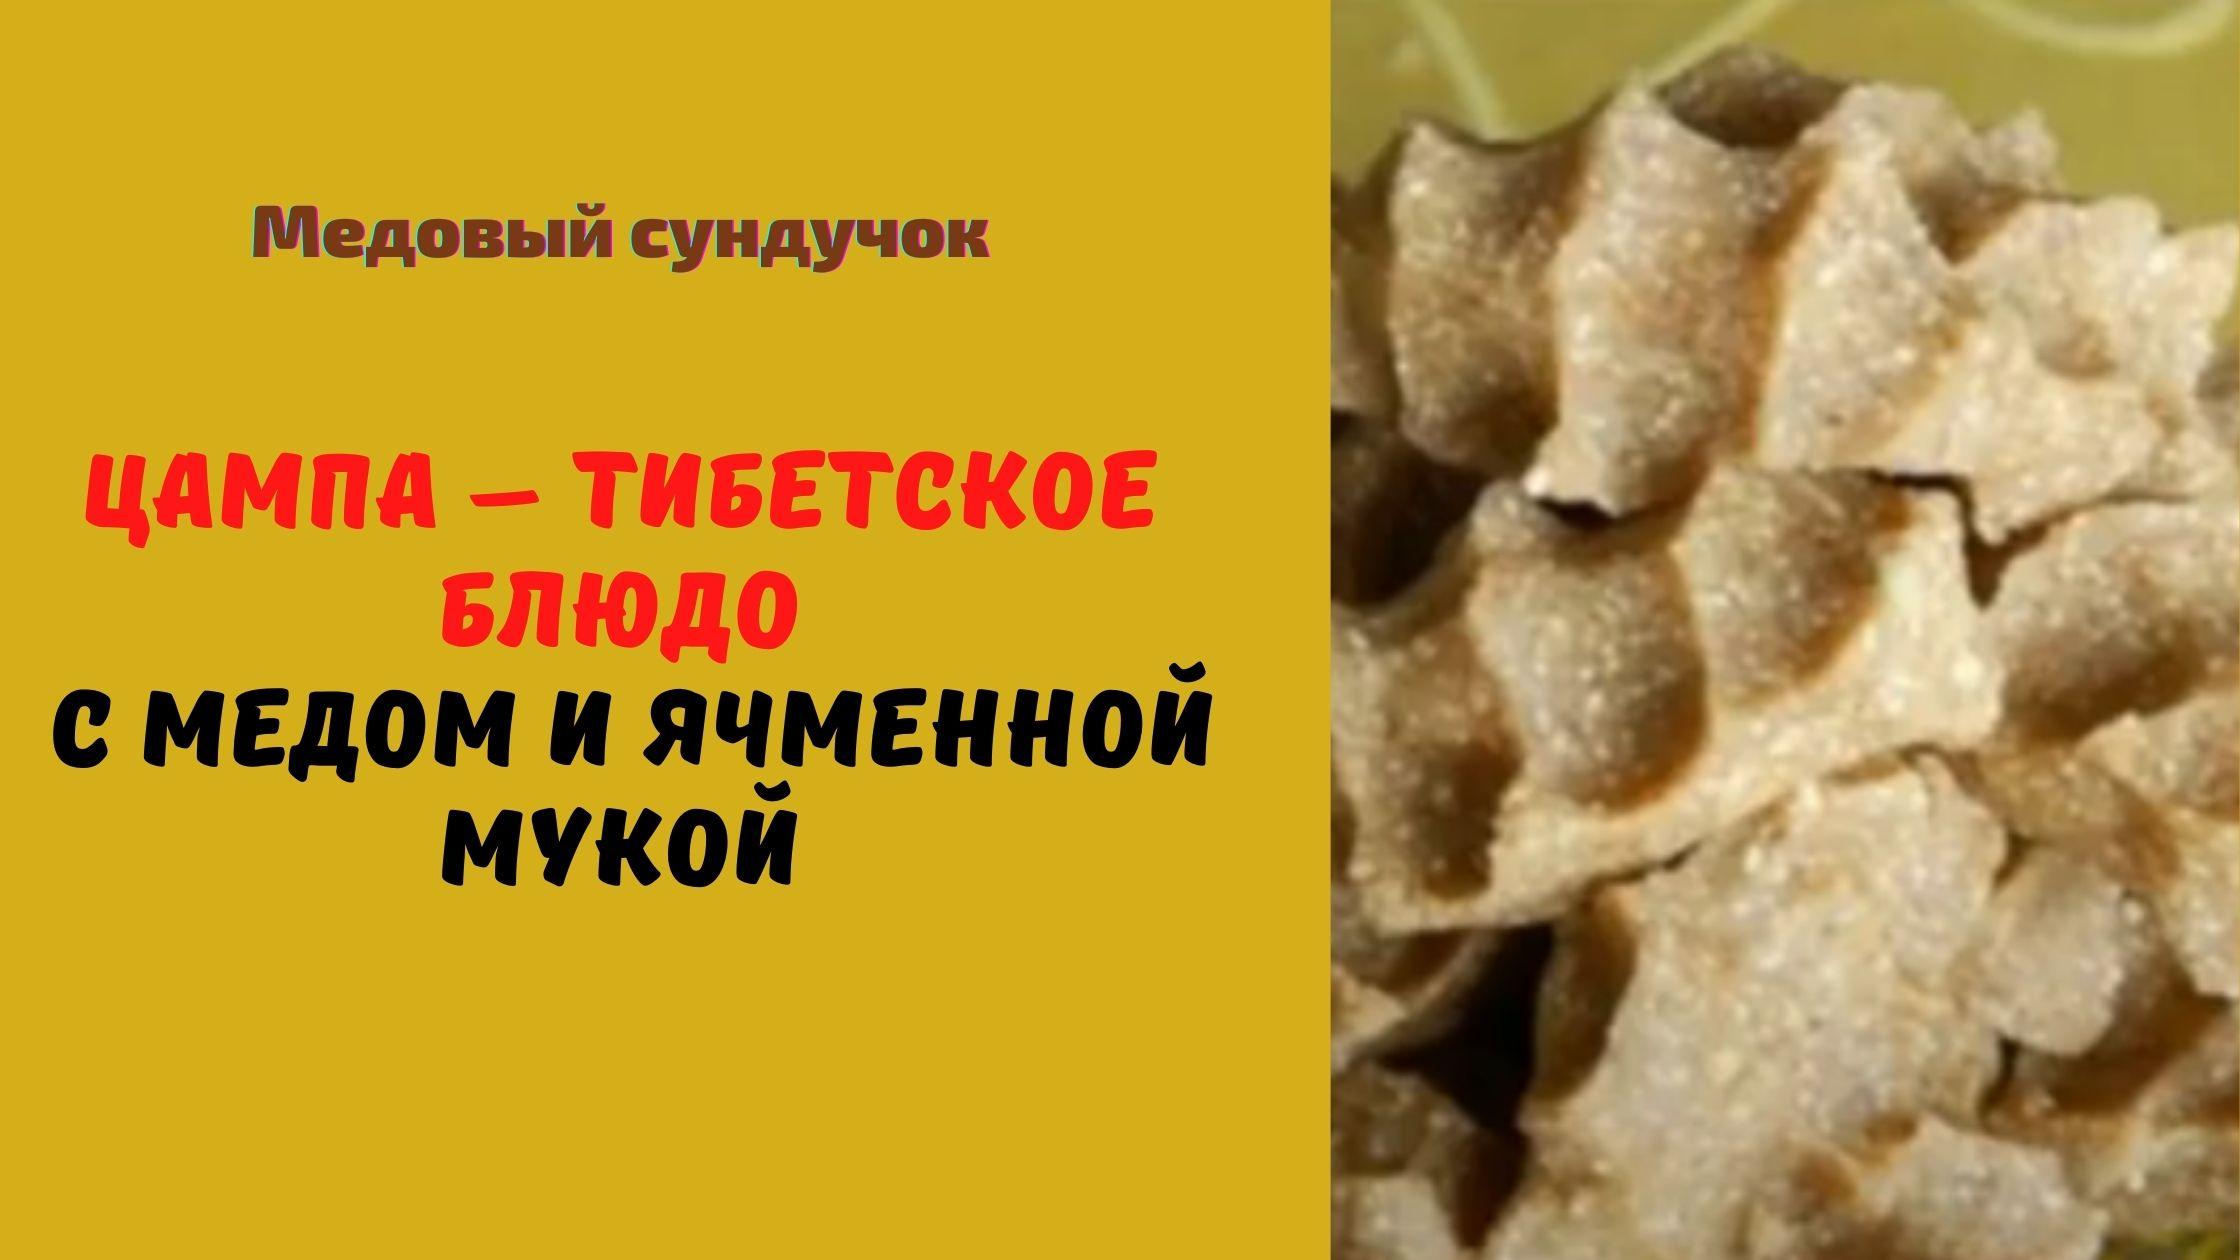 цампа рецепт